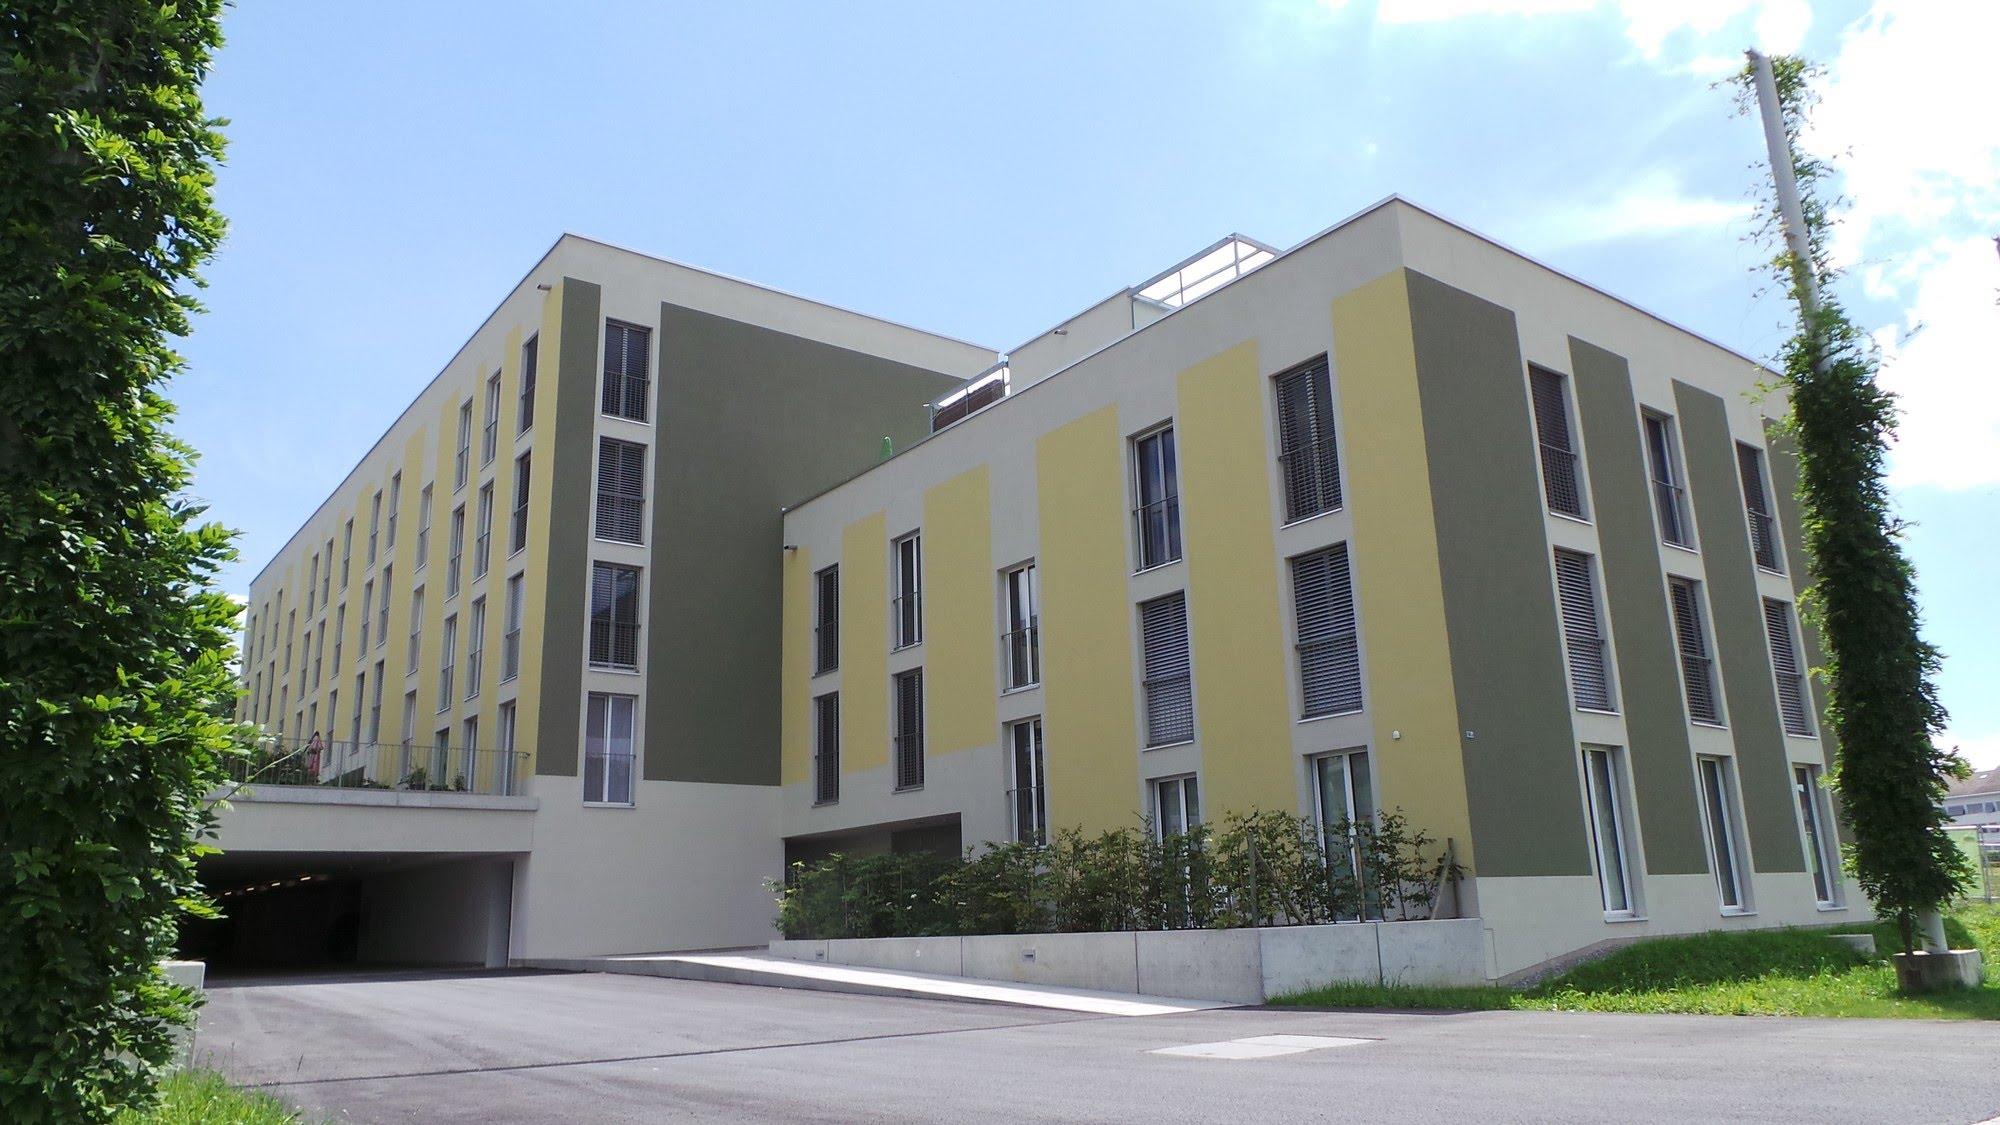 Wohnungsbau,Wohnungsbau,Aussenwärmedämmung,Gipserarbeiten MFH Hofstetterfeld Baufeld 10